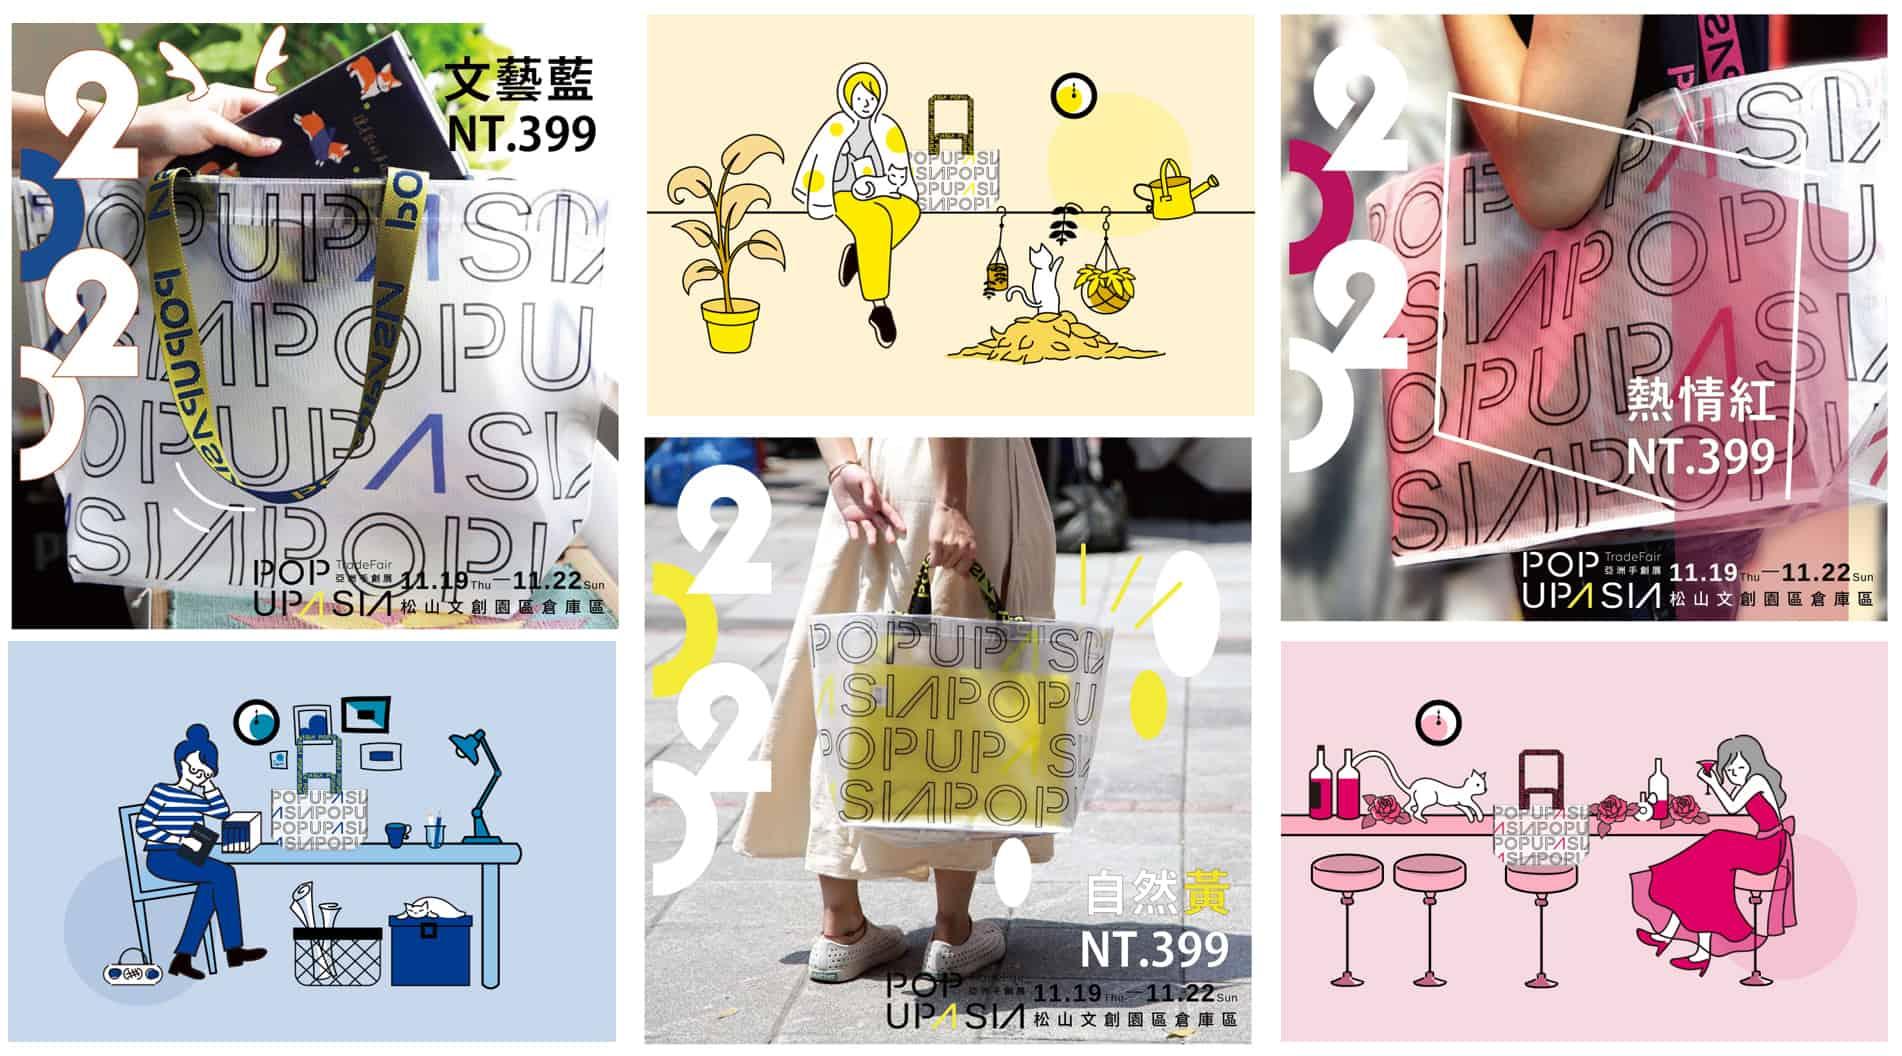 三色包包套票組圖-整體圖-popupasia-2020